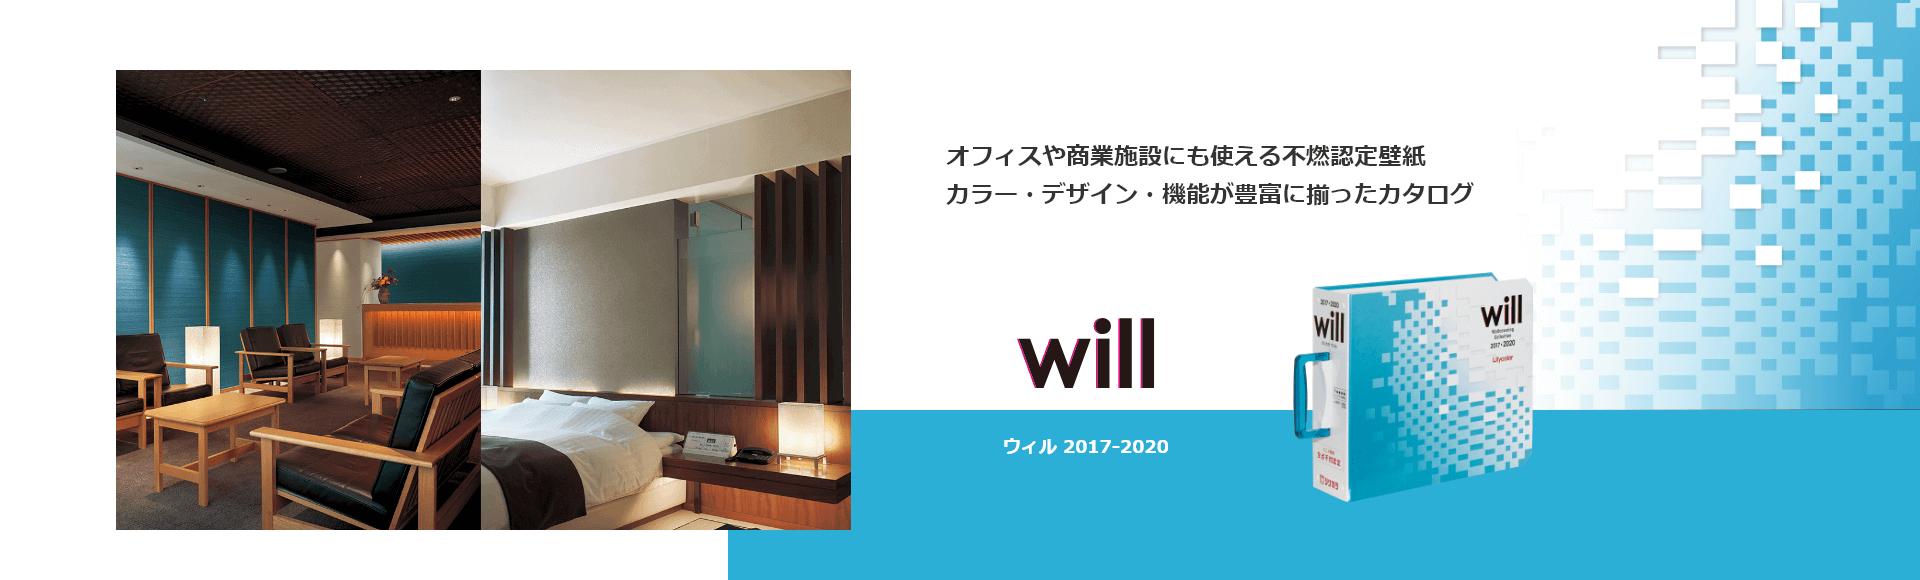 カタログ紹介 壁紙 インテリア事業部 リリカラ株式会社